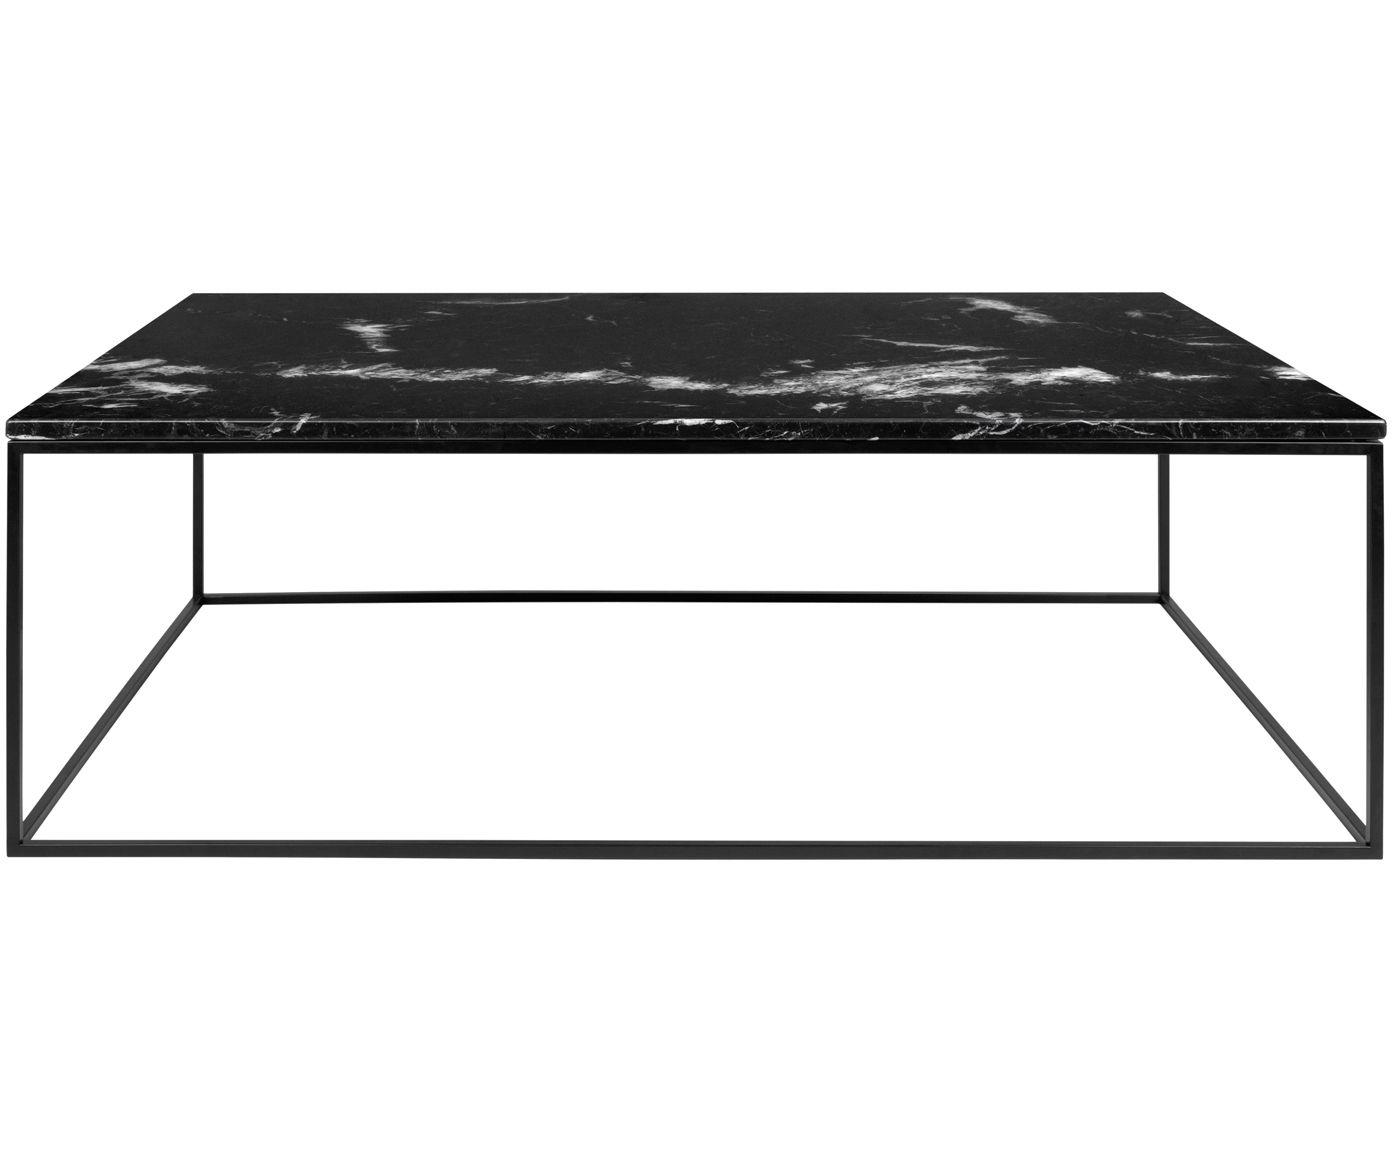 Machen Sie Ihr Wohnzimmer Mit Couchtisch Gleam Mit Einer Tischplatte Aus Schwarzem Marmor Zur Wohlfühloase Entdecken Couchtisch Marmor Couchtisch Tischplatten